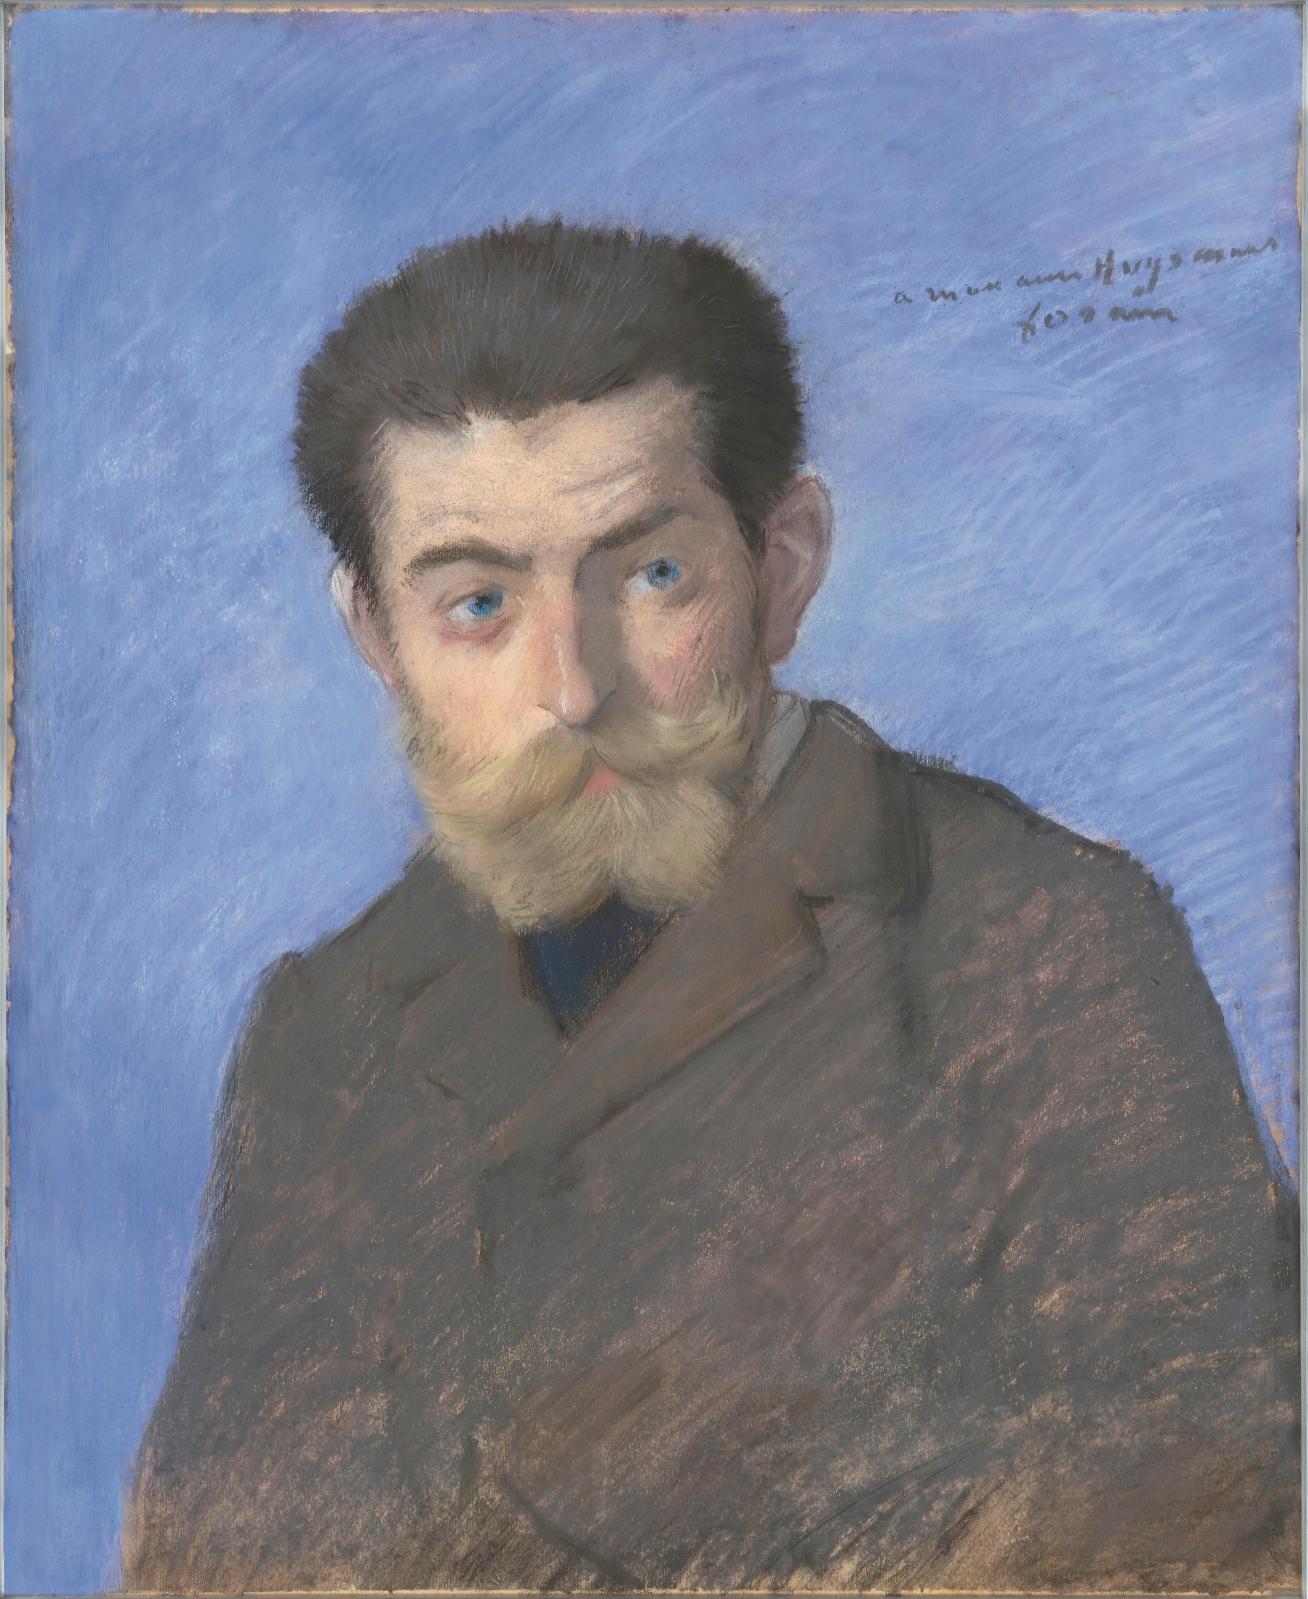 Jean-Louis Forain (1852-1931), Joris-Karl Huysmans, 1878, pastel, 55x44,5cm, Paris, musée d'Orsay.Photo © RMN-Grand Palais (musée d'Ors